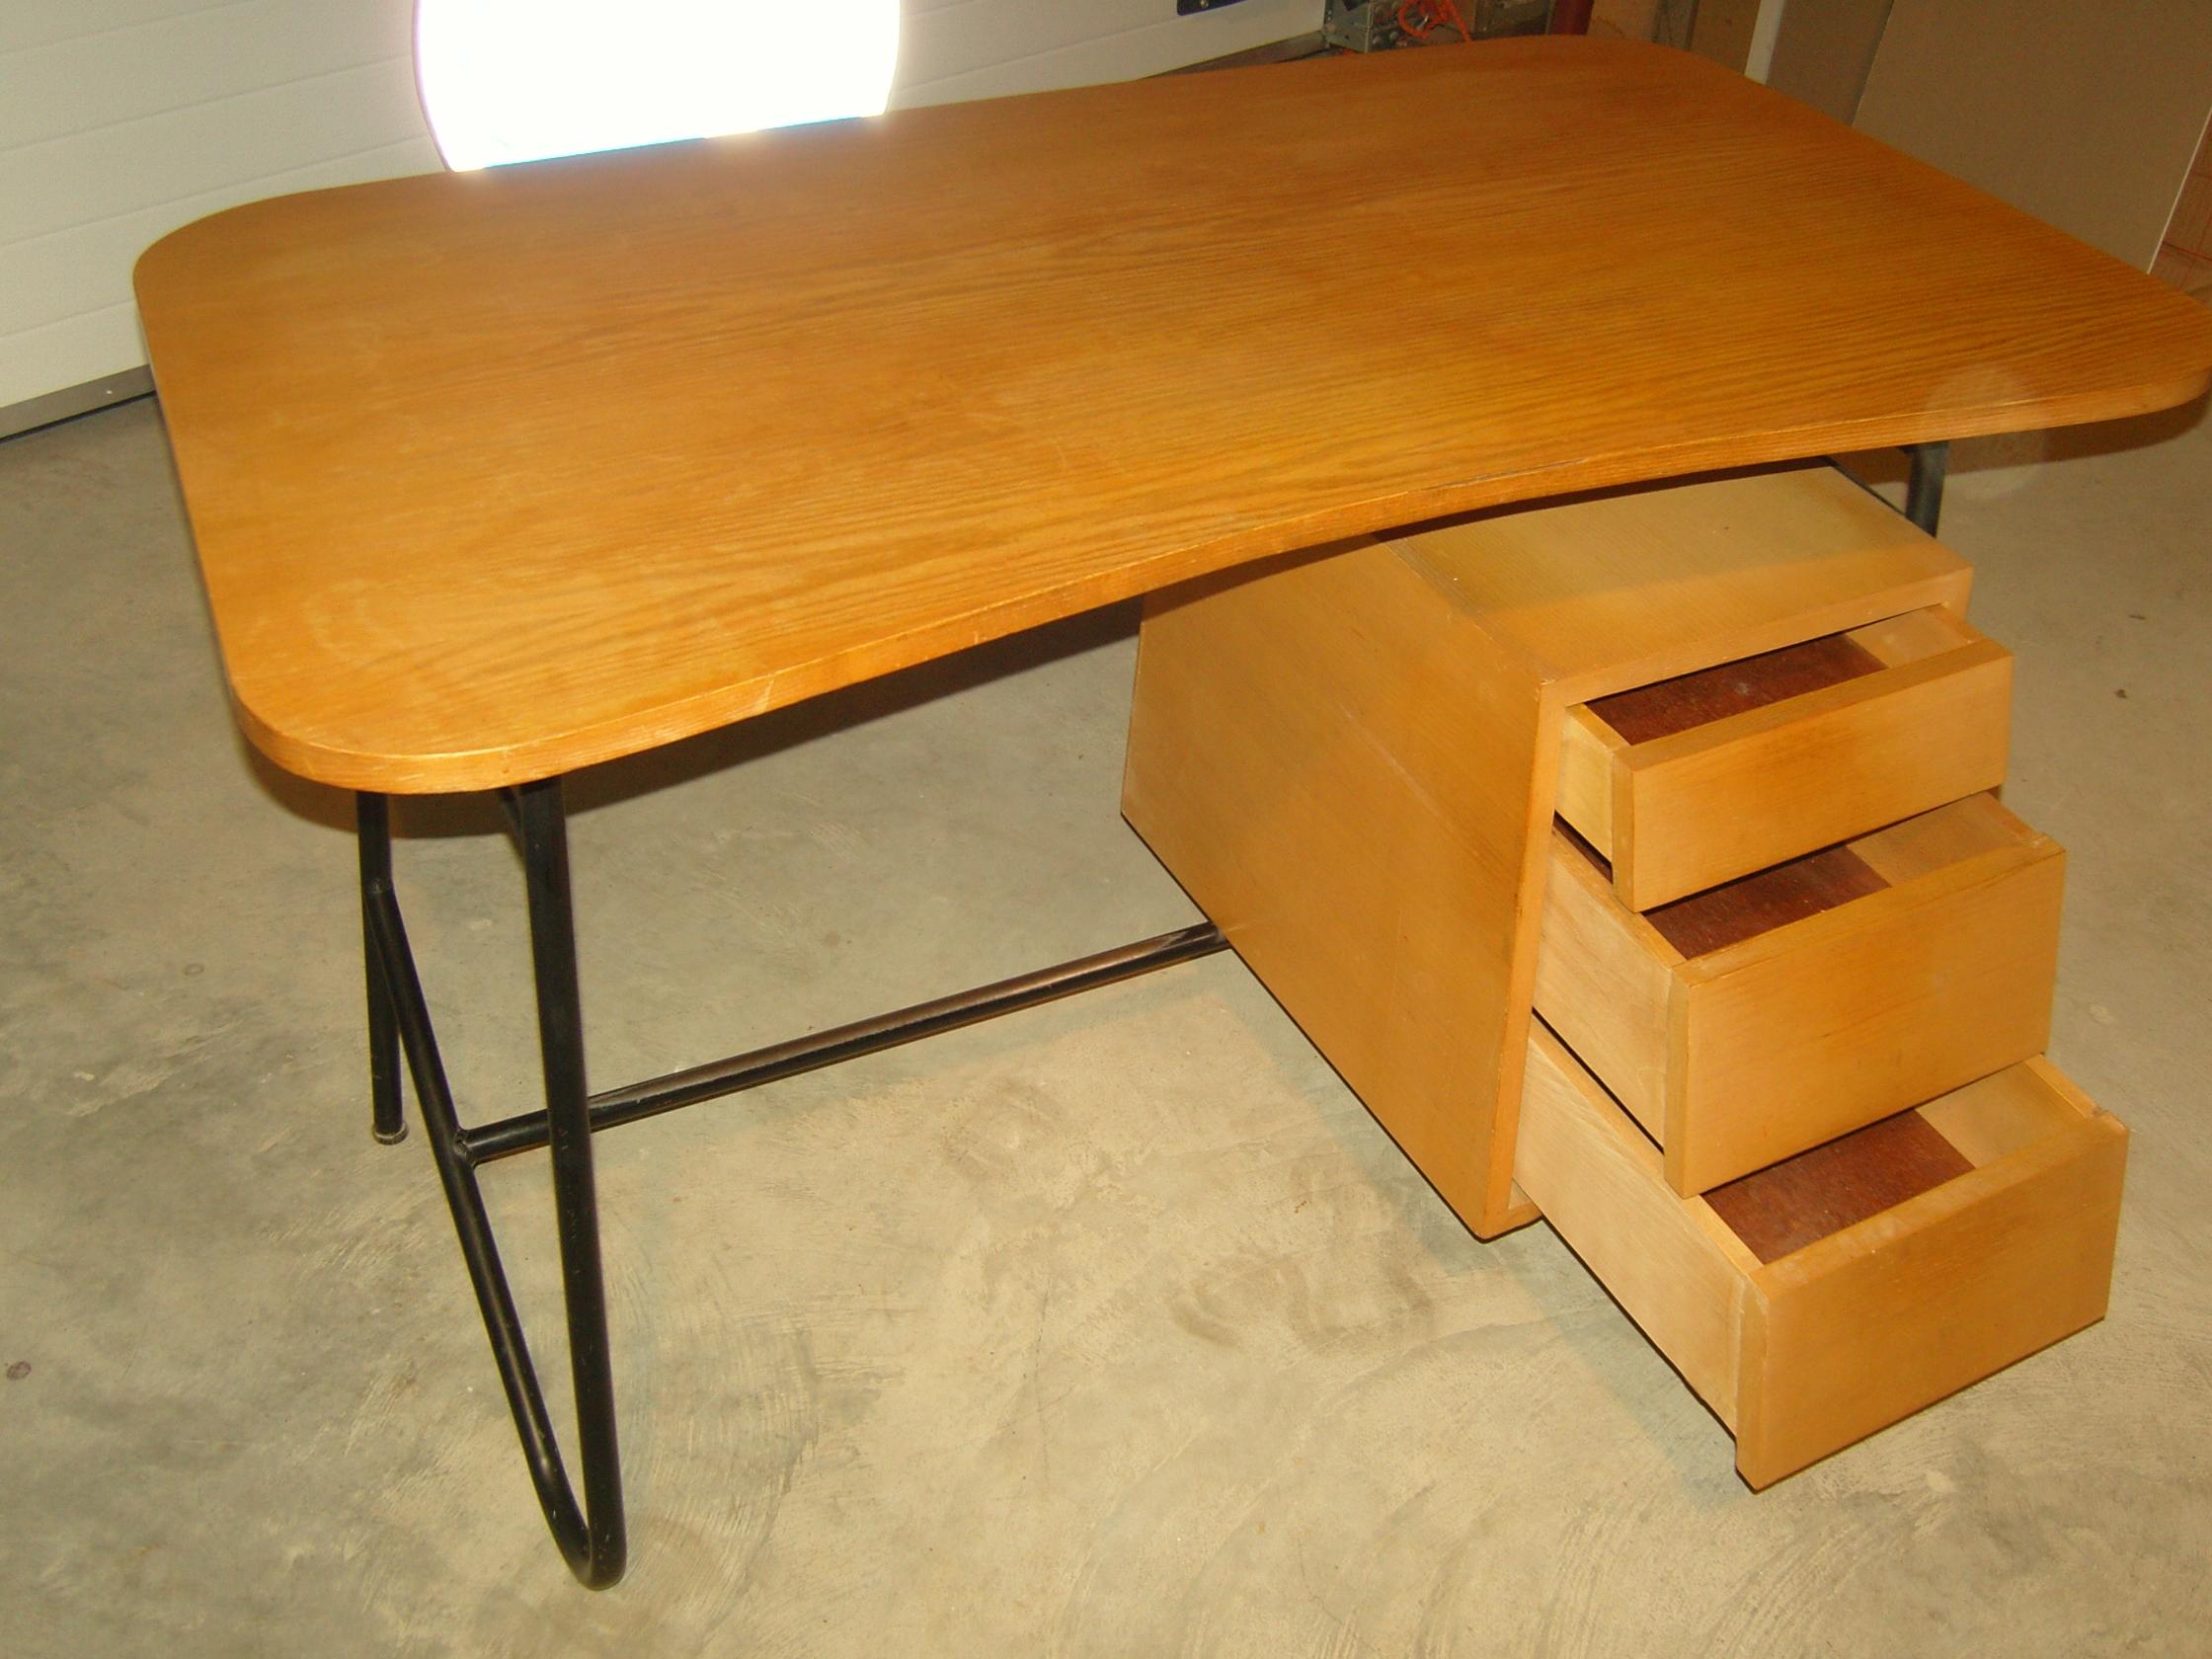 bureau ann es 70 80 ch ne clair. Black Bedroom Furniture Sets. Home Design Ideas